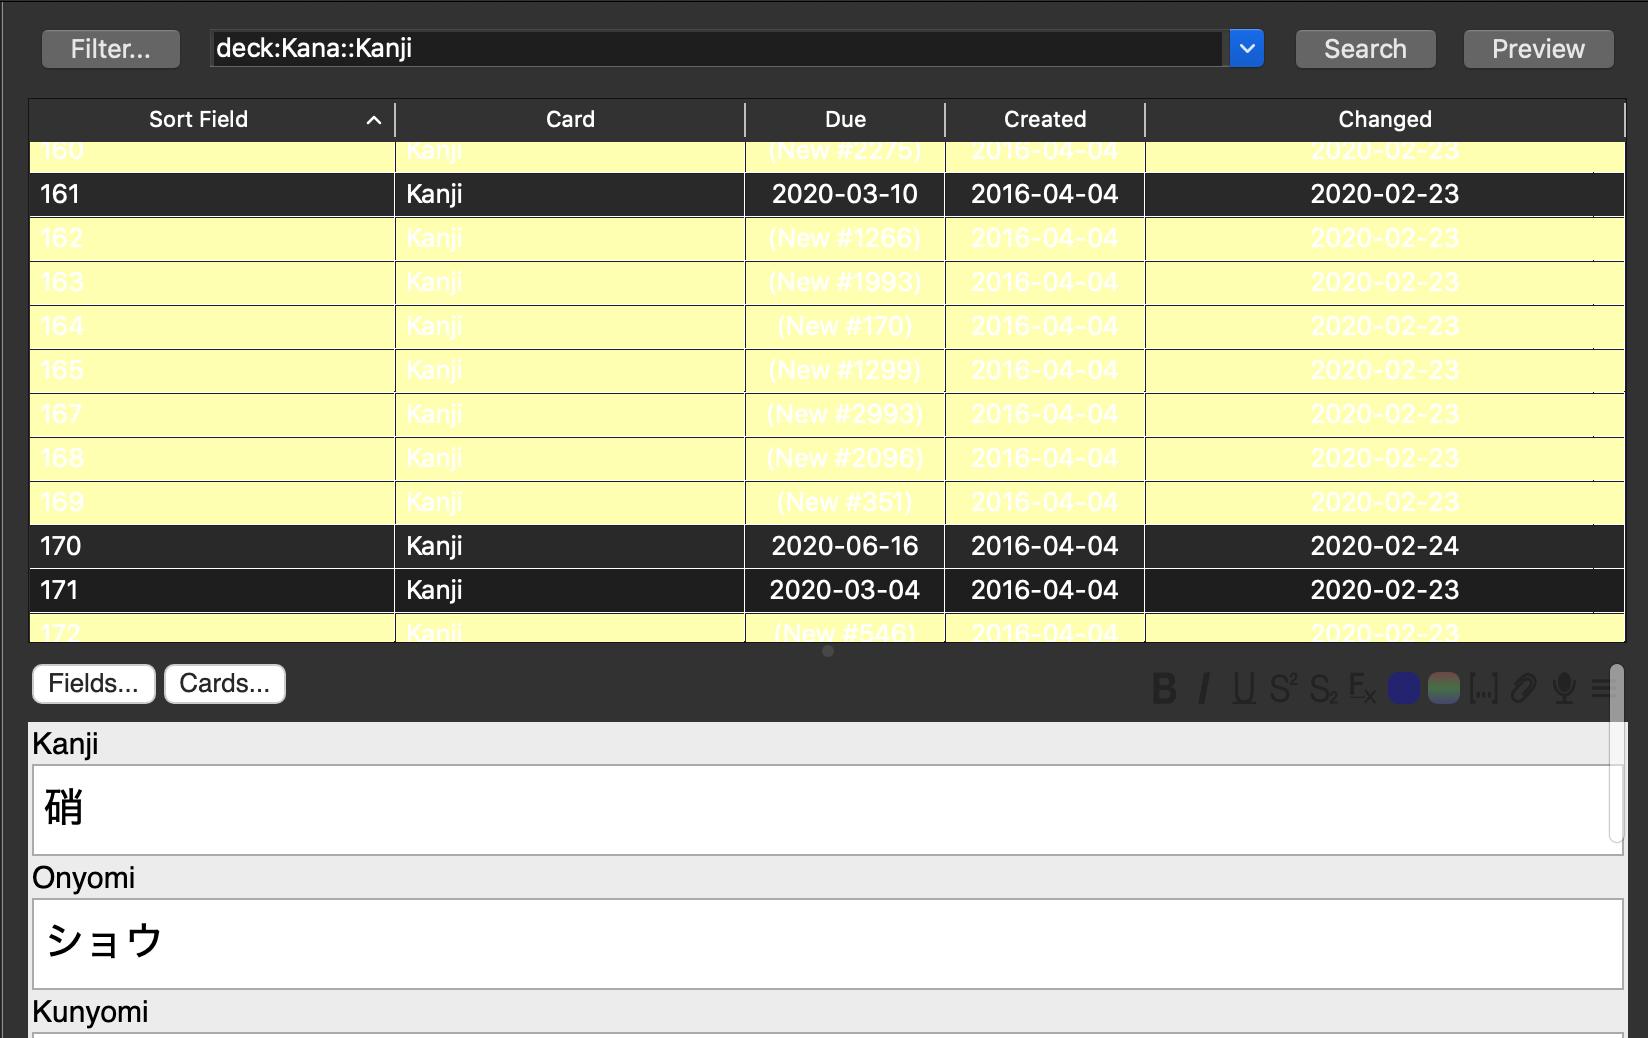 Screen_shot_2020-02-25_at_11.23.22_am